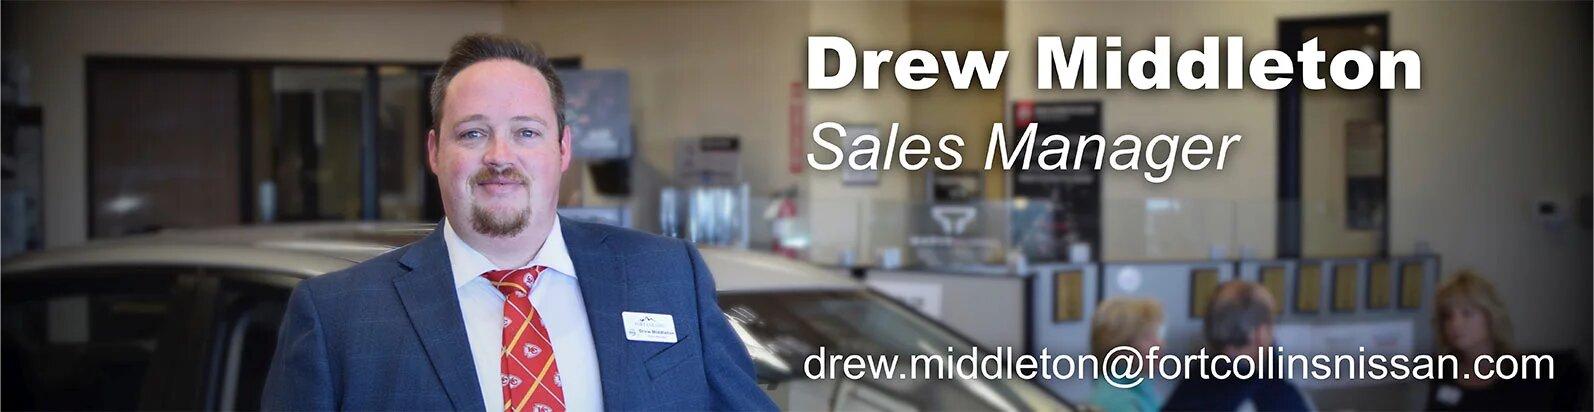 Sales Manager Drew Middleton